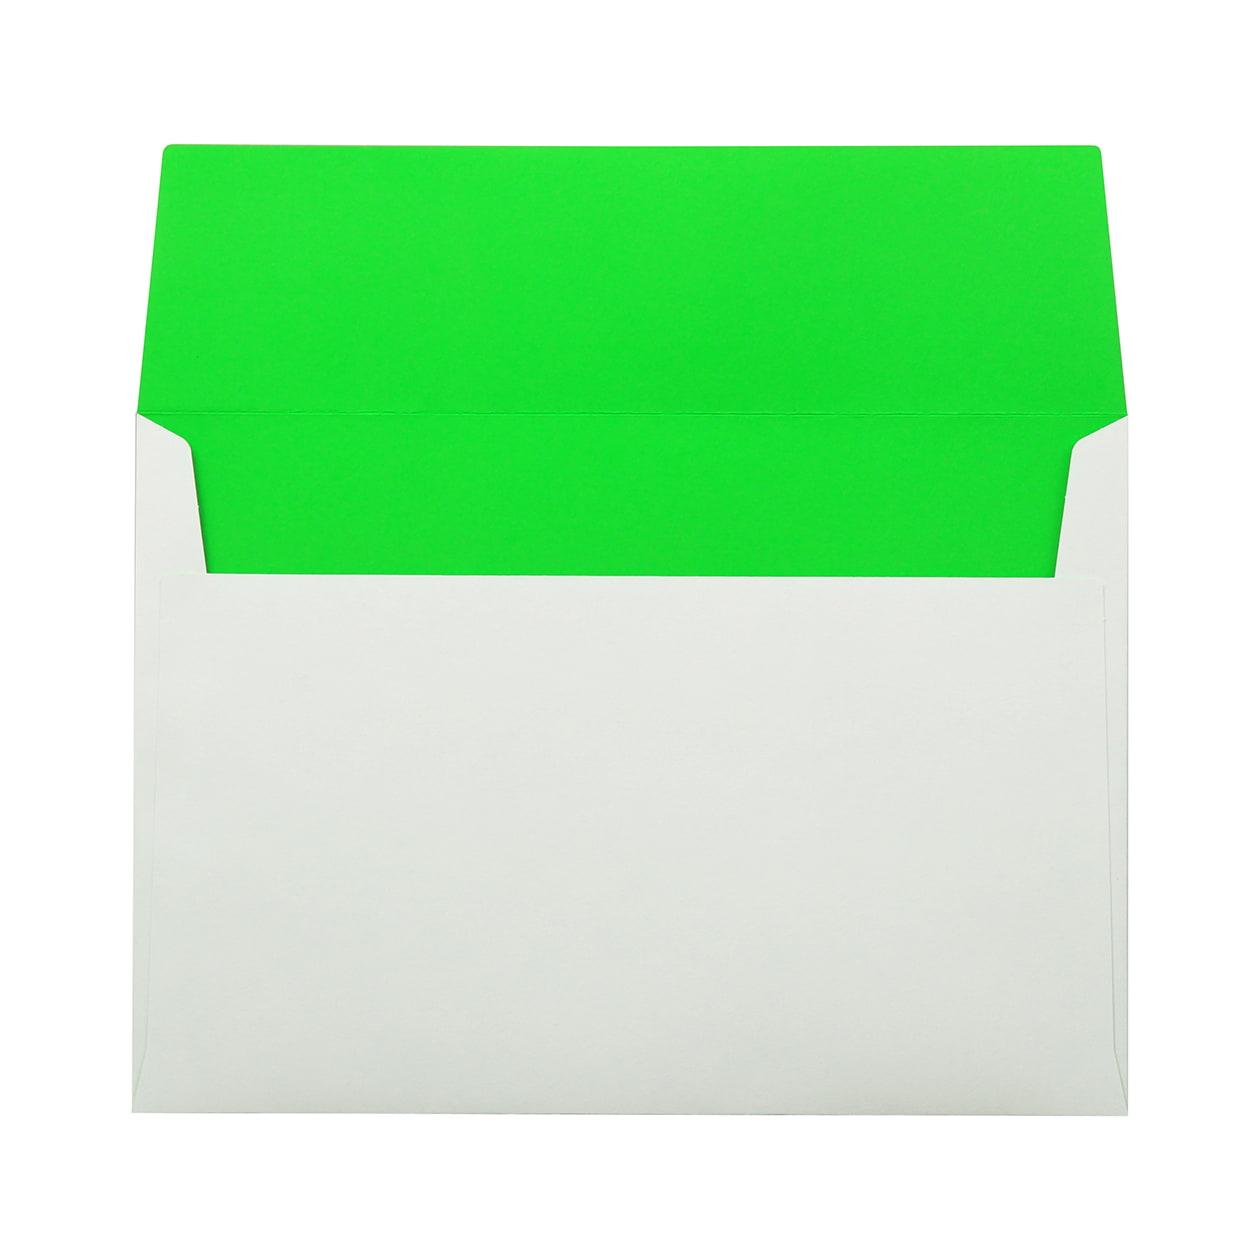 角6カマス封筒 フラッシュカラー ホワイト×キミドリ 100g